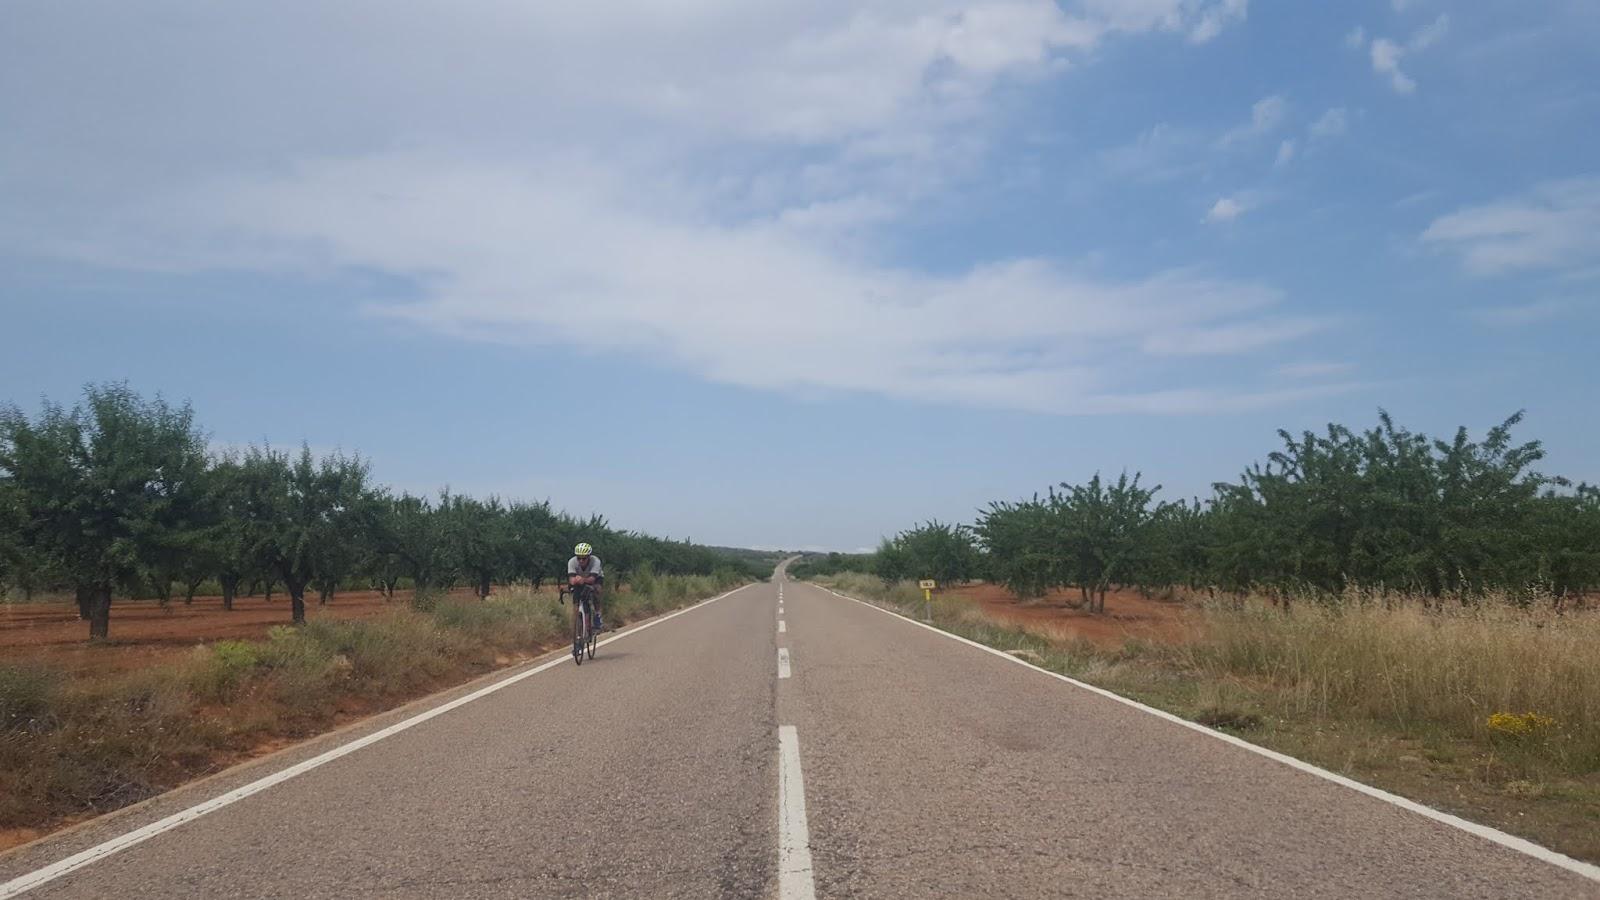 Cycling in Spain, Alcublas, Valencia